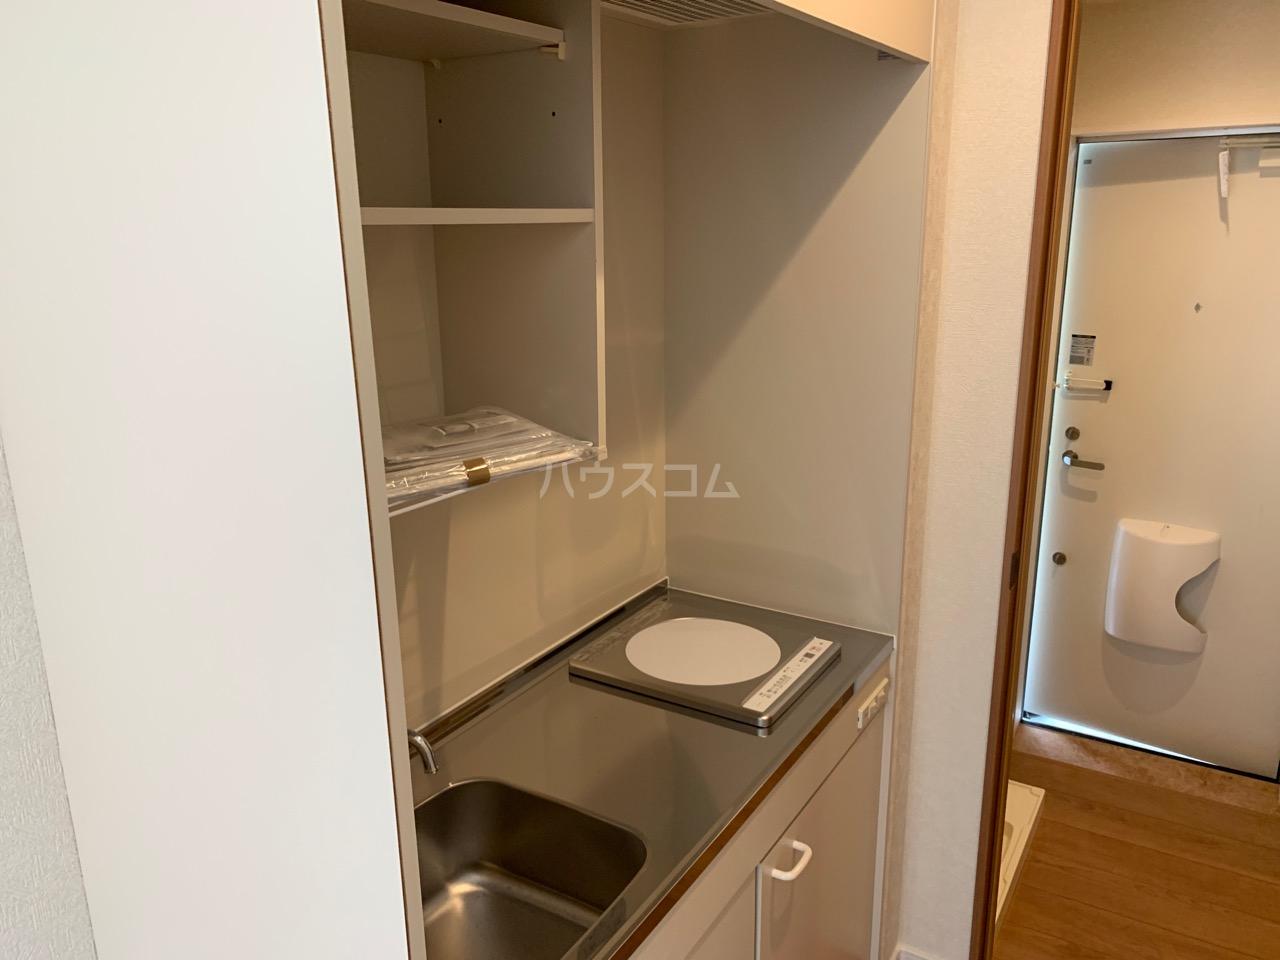 ファインホース白百合 107号室のキッチン